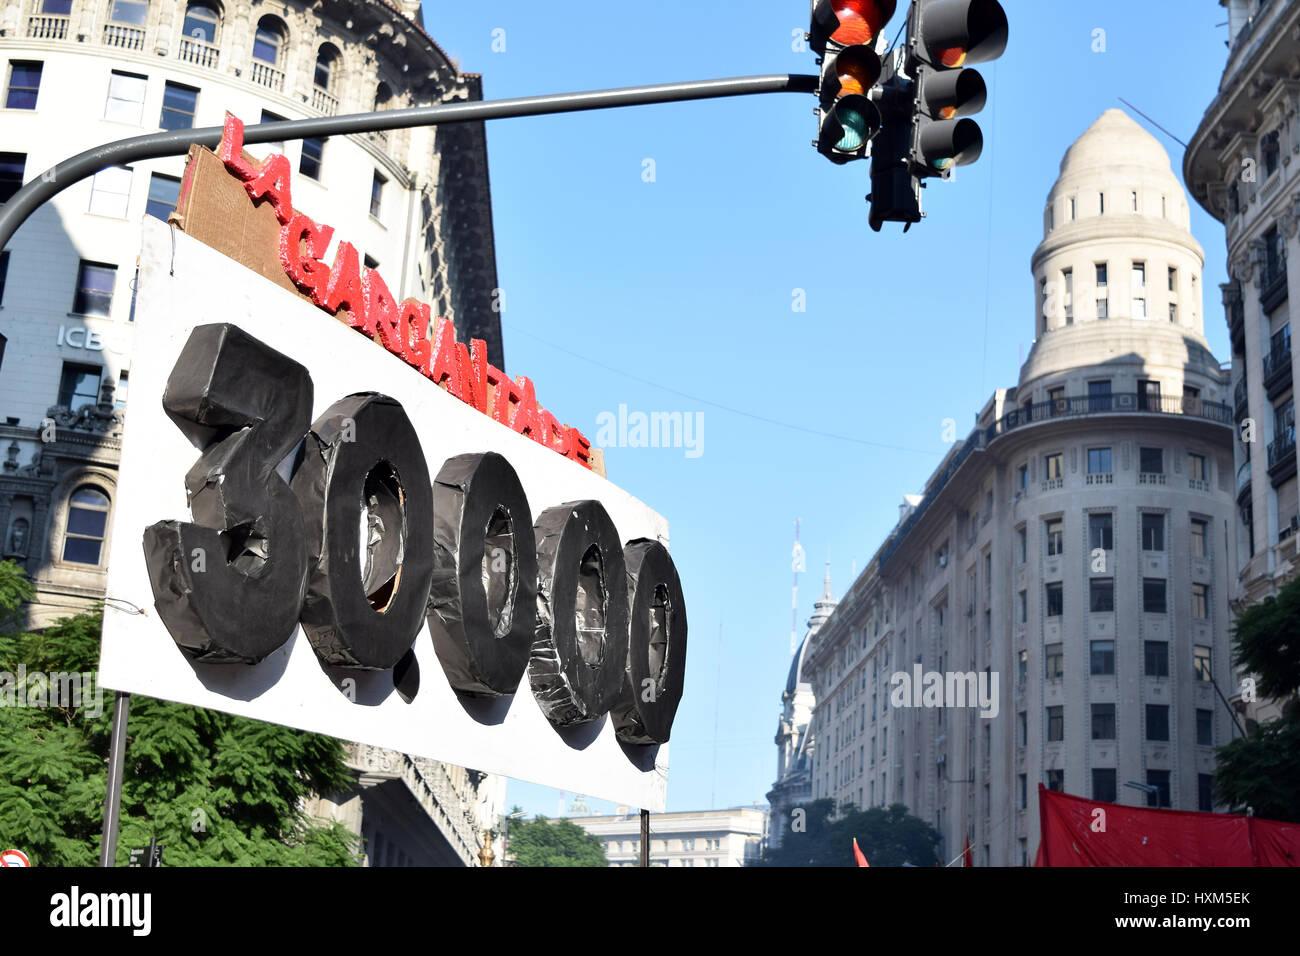 Buenos Aires, Argentinien - 24. März 2017: Demonstrationen auf der Anivesary der argentinischen Diktatur, am Stockbild